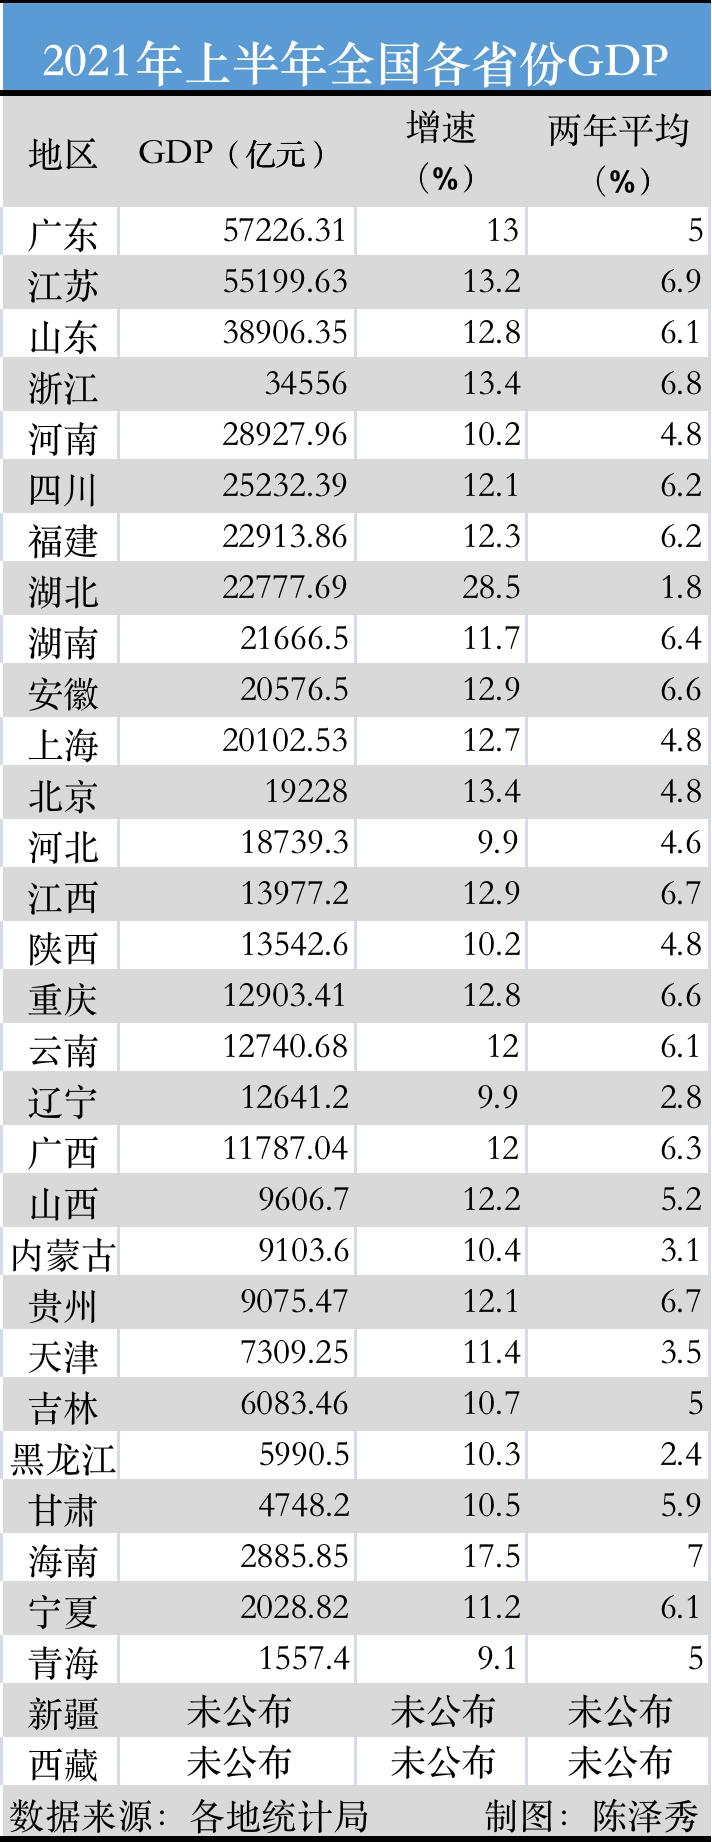 29地半年GDP出炉:苏大强快步追赶粤老大,湖北反超湖南排第8